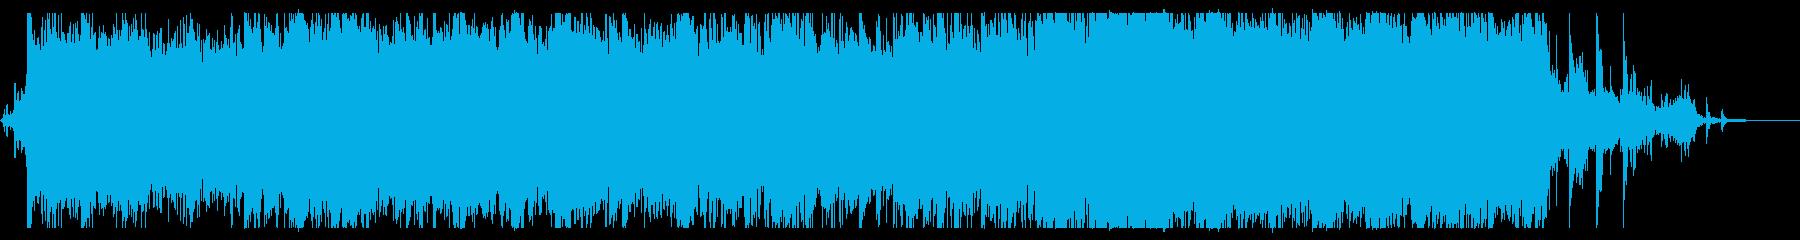 深い海底をイメージしたピアノバラードの再生済みの波形